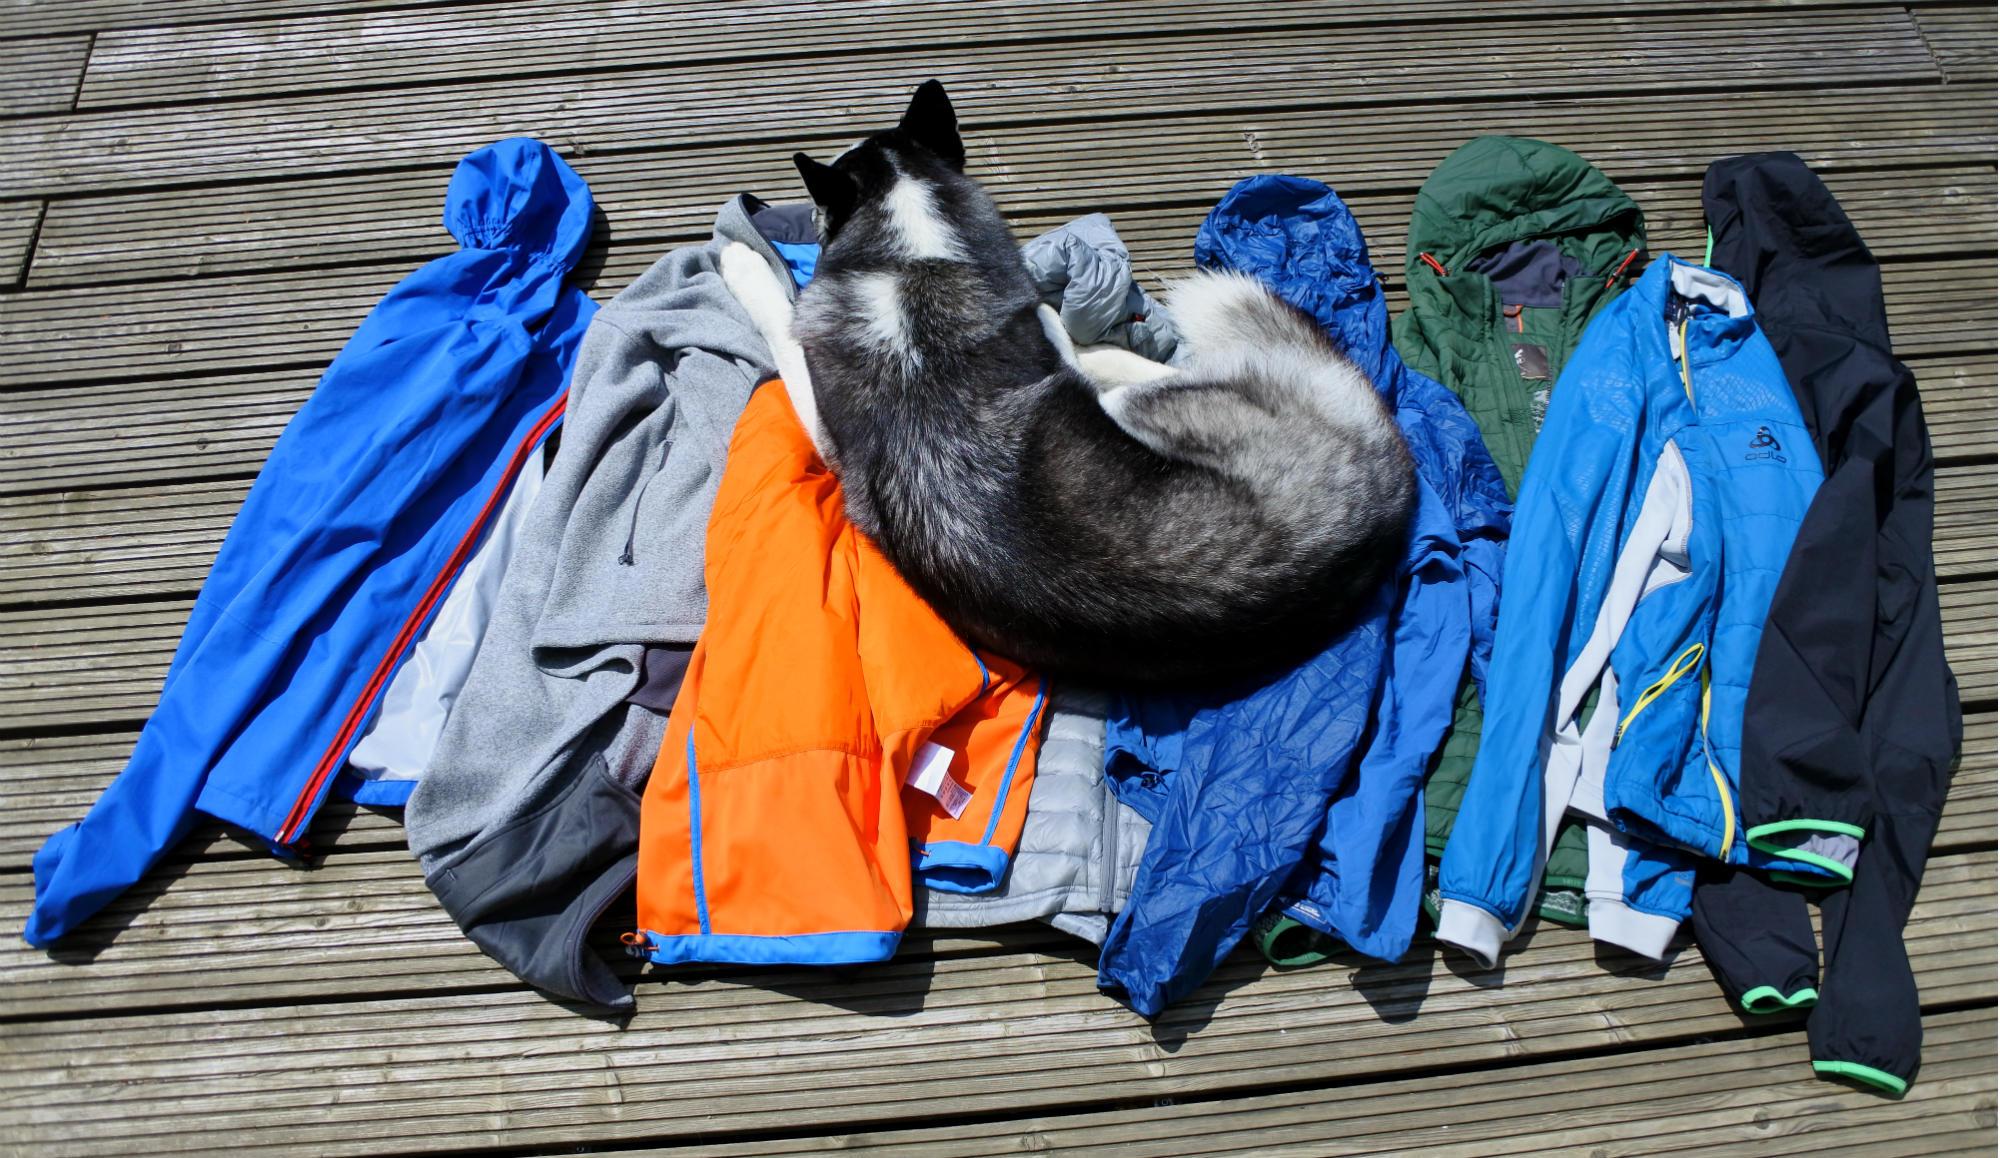 Viele Jacken und ein Husky